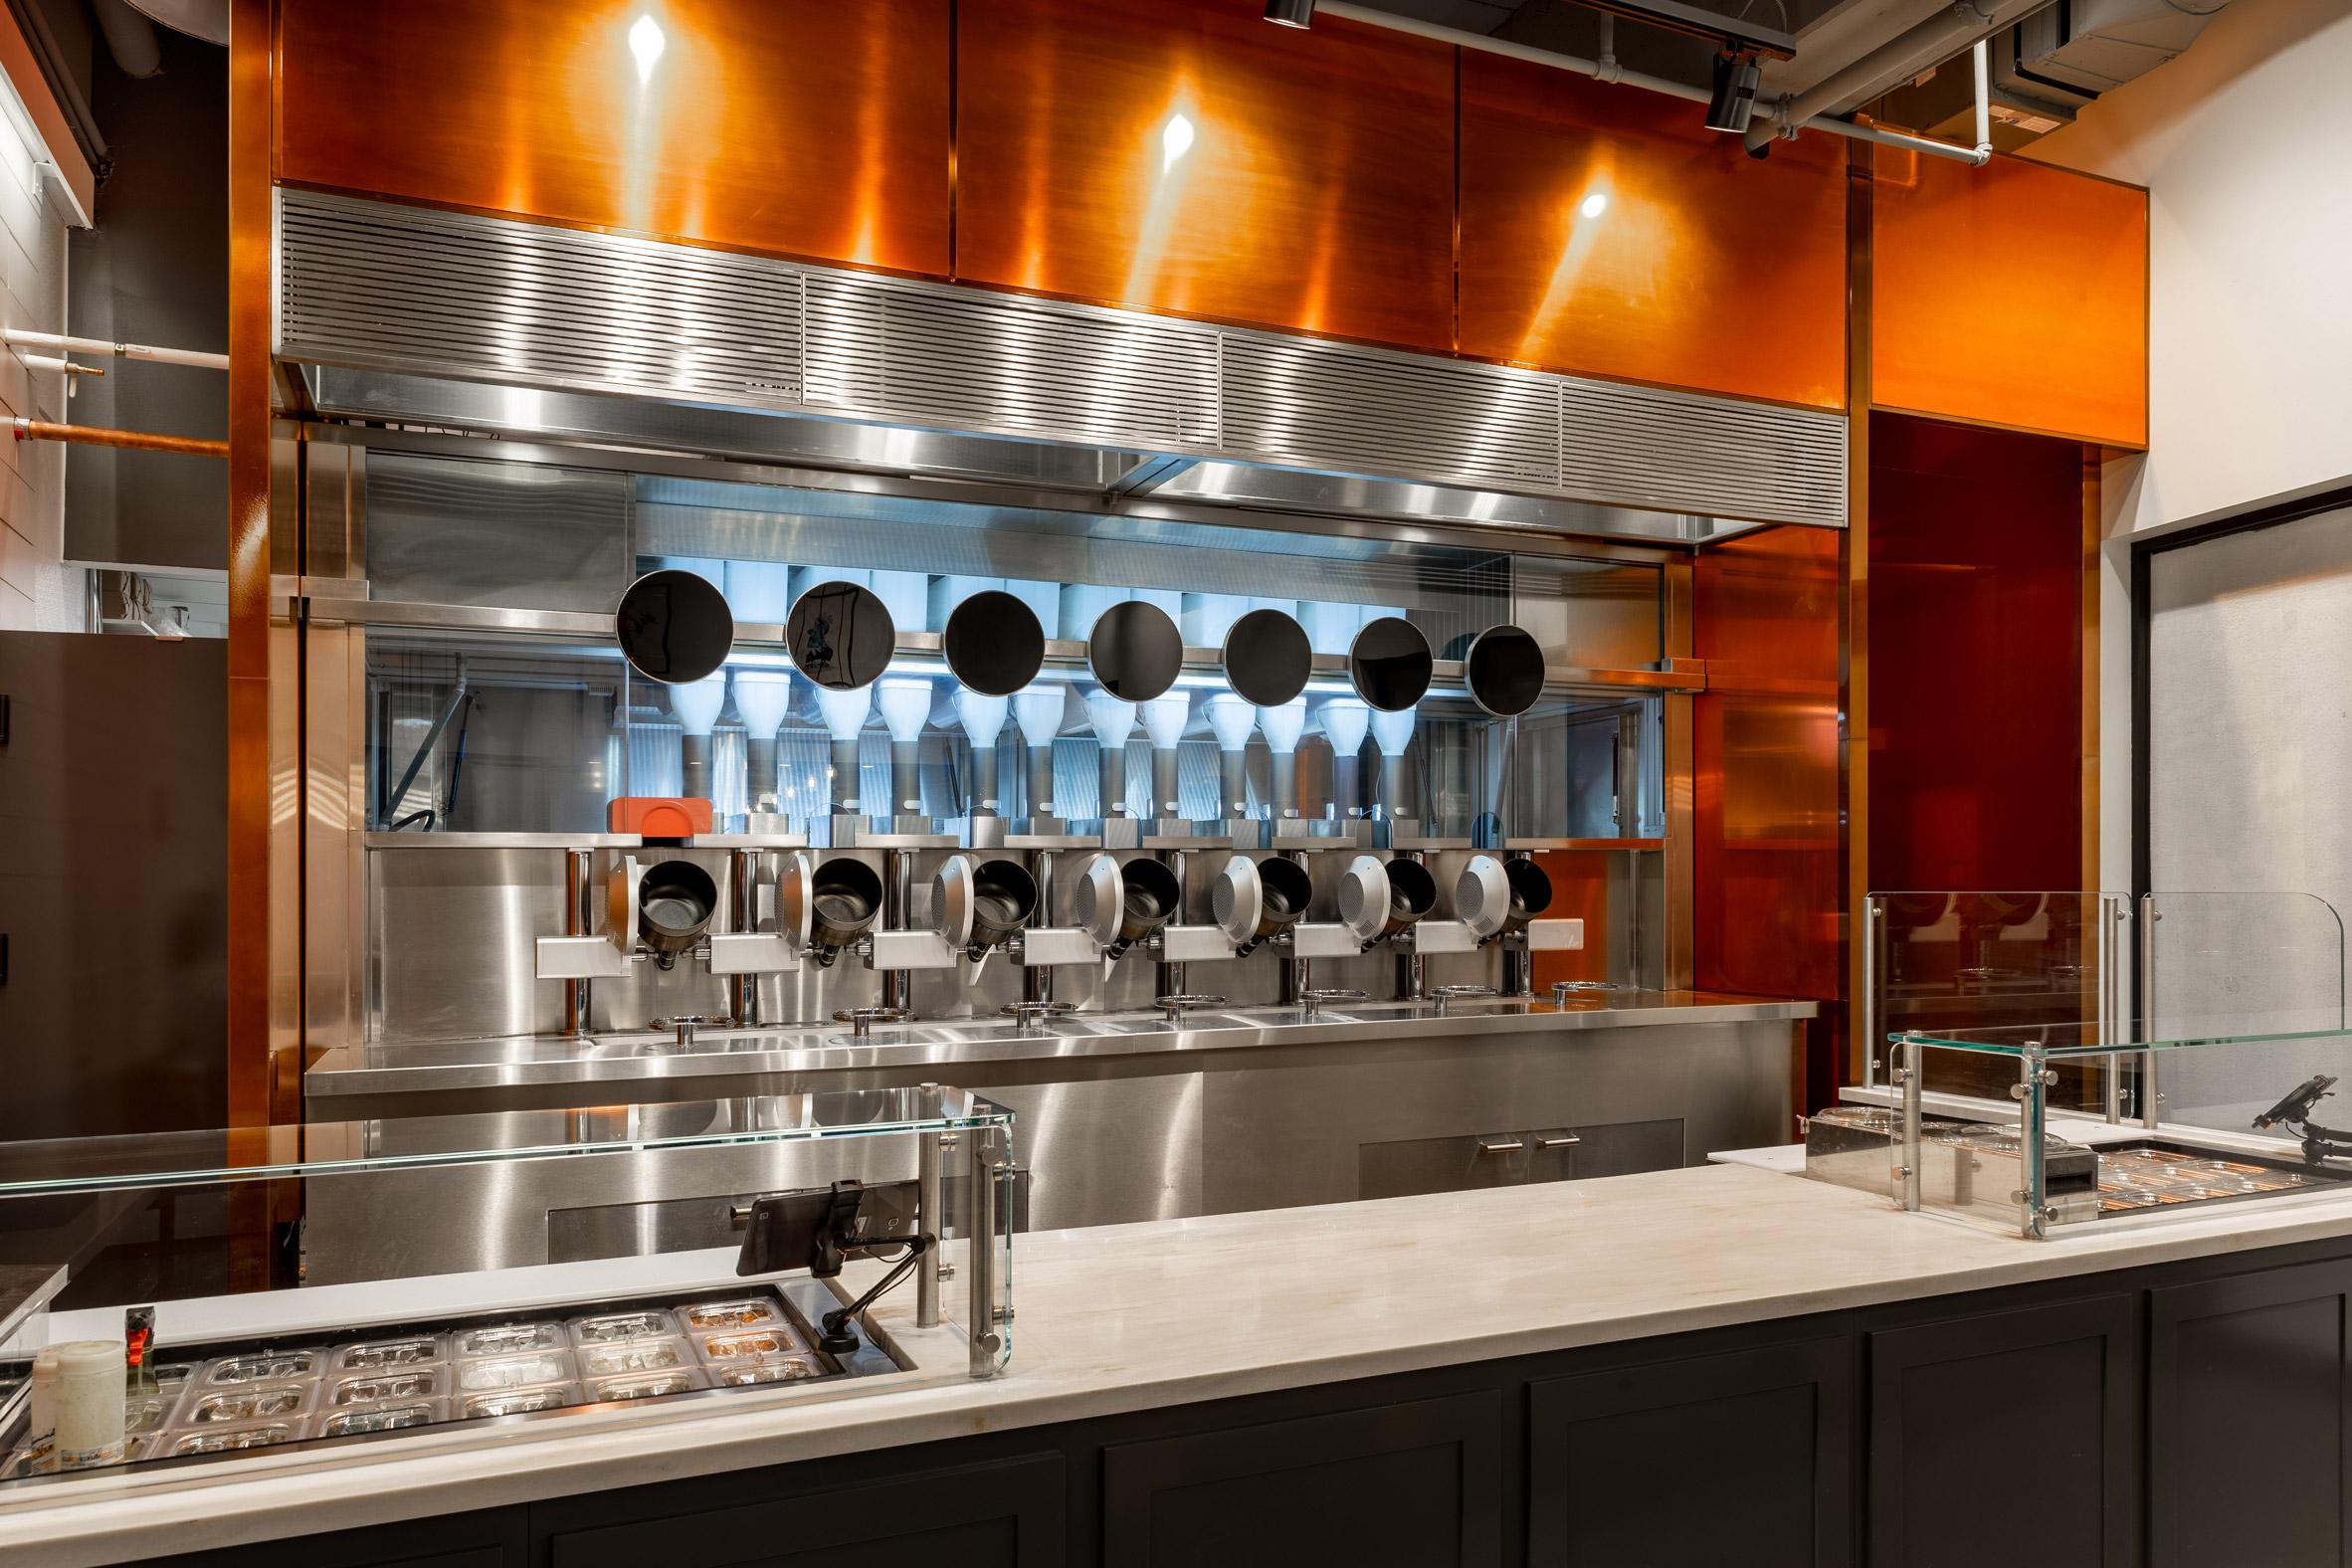 spyce-restaurant-robotic-kitchen-technology_dezeen_2364_col_10.jpg